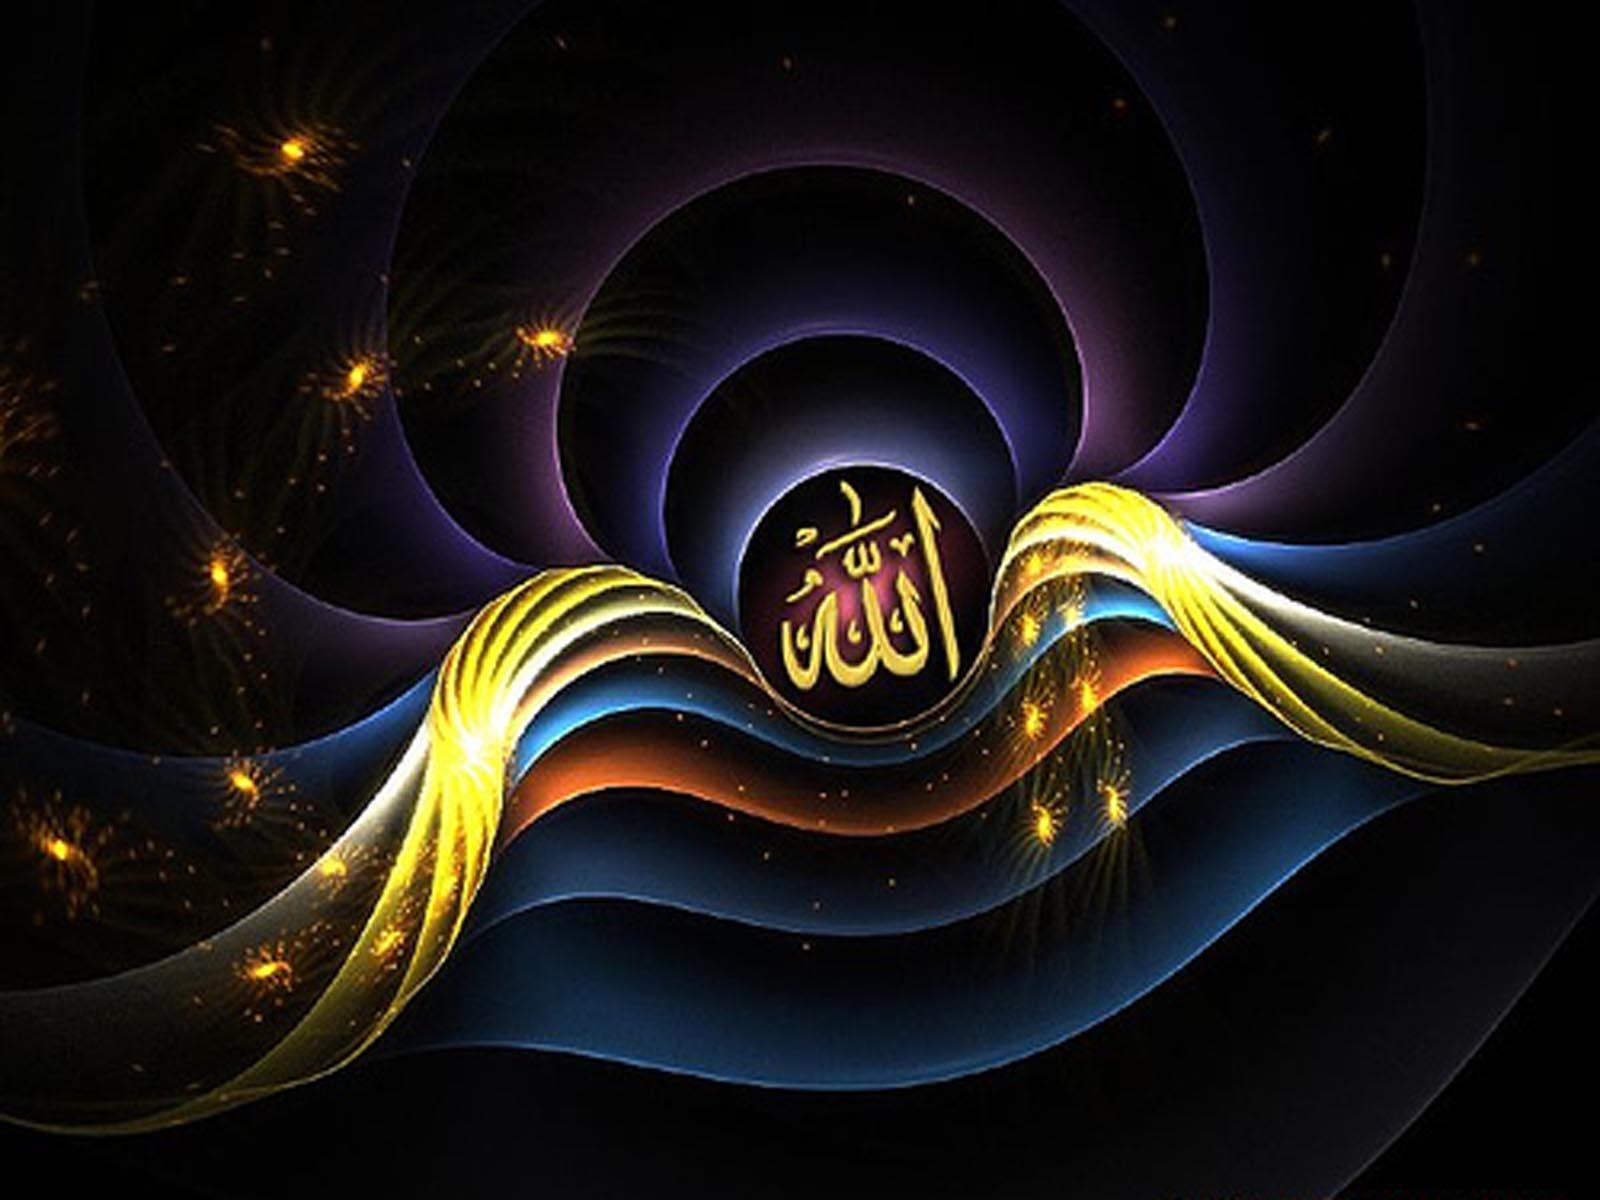 Desertrose Allah Allah Wallpaper Name Wallpaper Quran Wallpaper